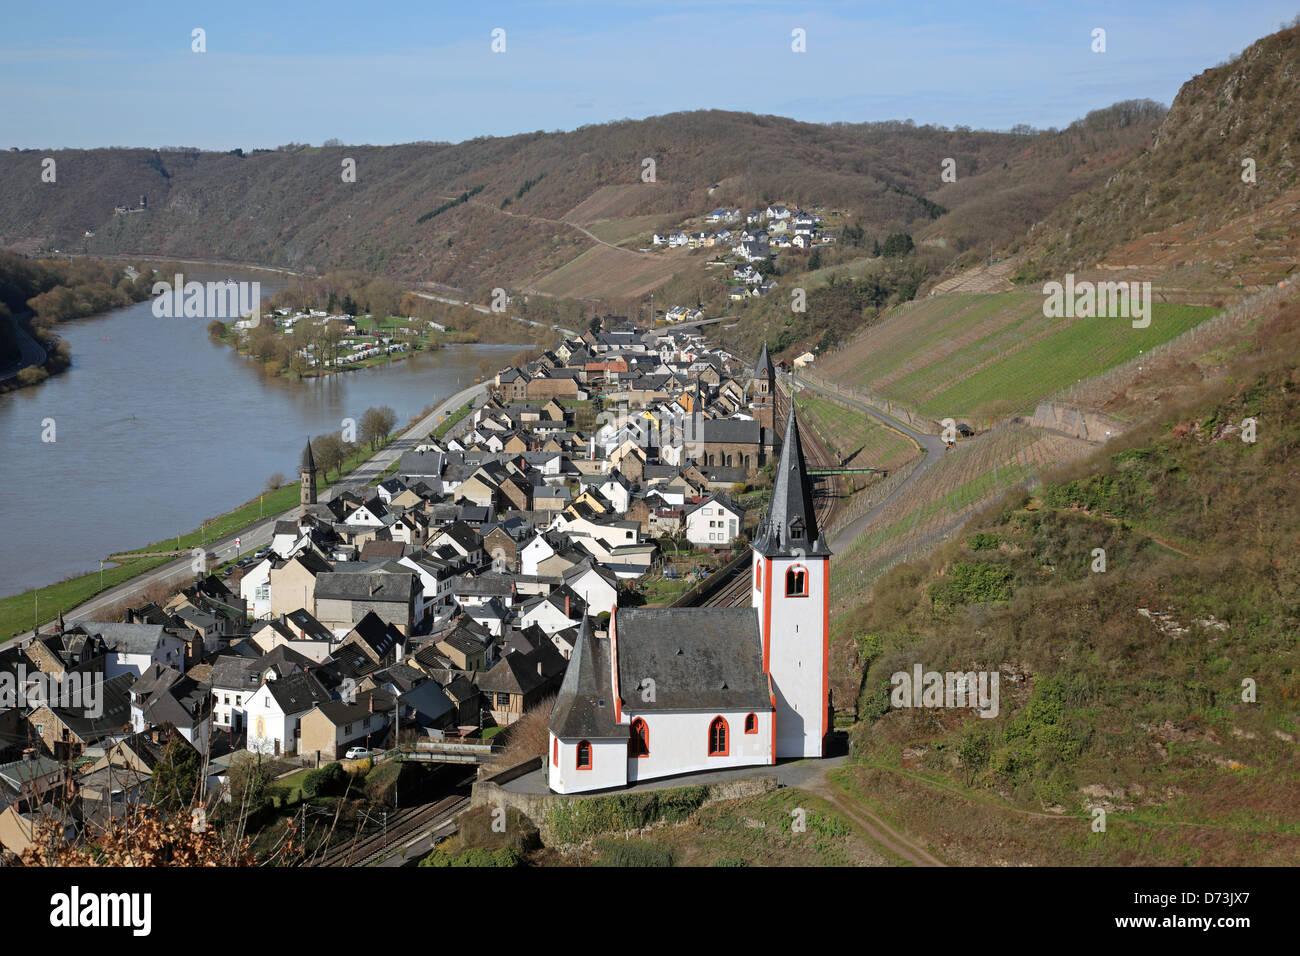 Le village de Hatzenport au printemps dans la vallée de la Moselle Rhénanie-palatinat Allemagne Banque D'Images